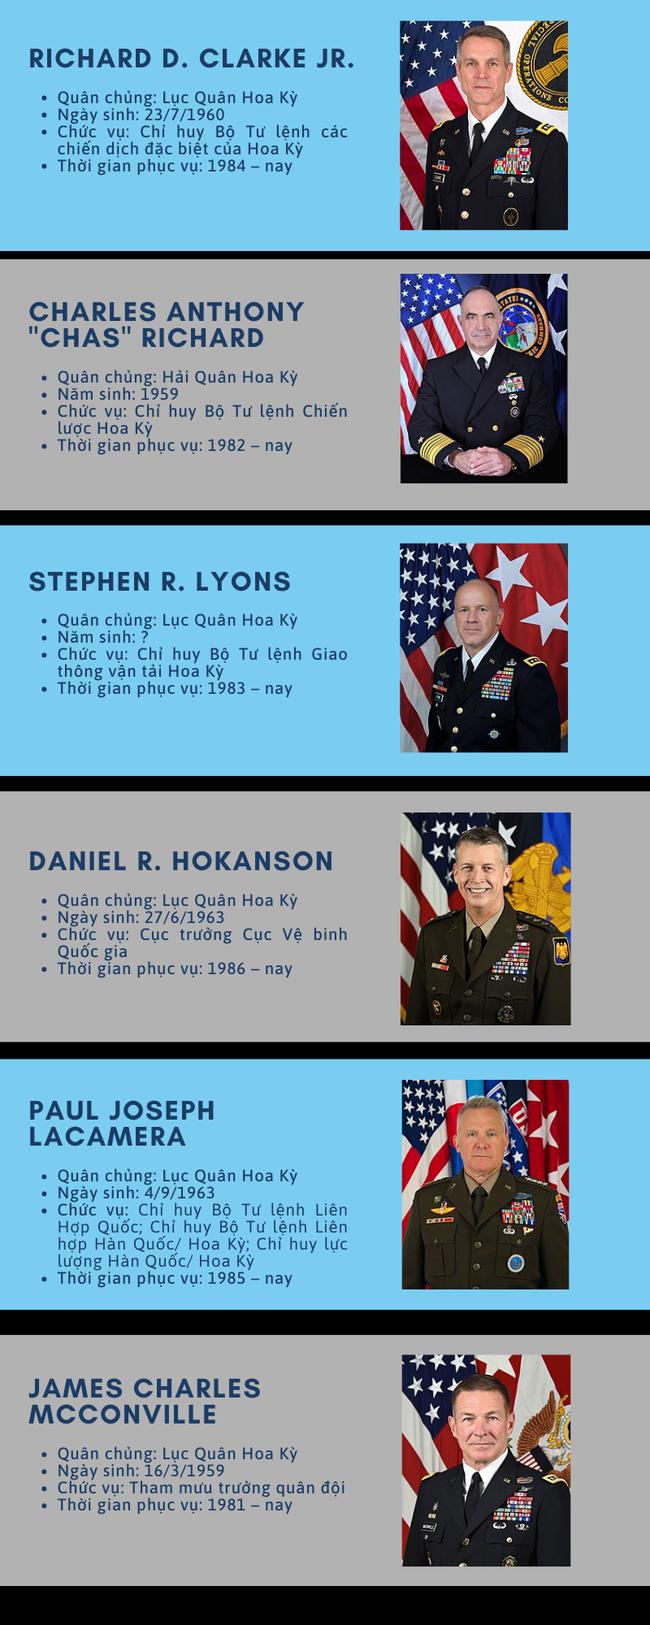 43 vị tướng 4 sao của Mỹ hiện nay là ai? - Ảnh 3.